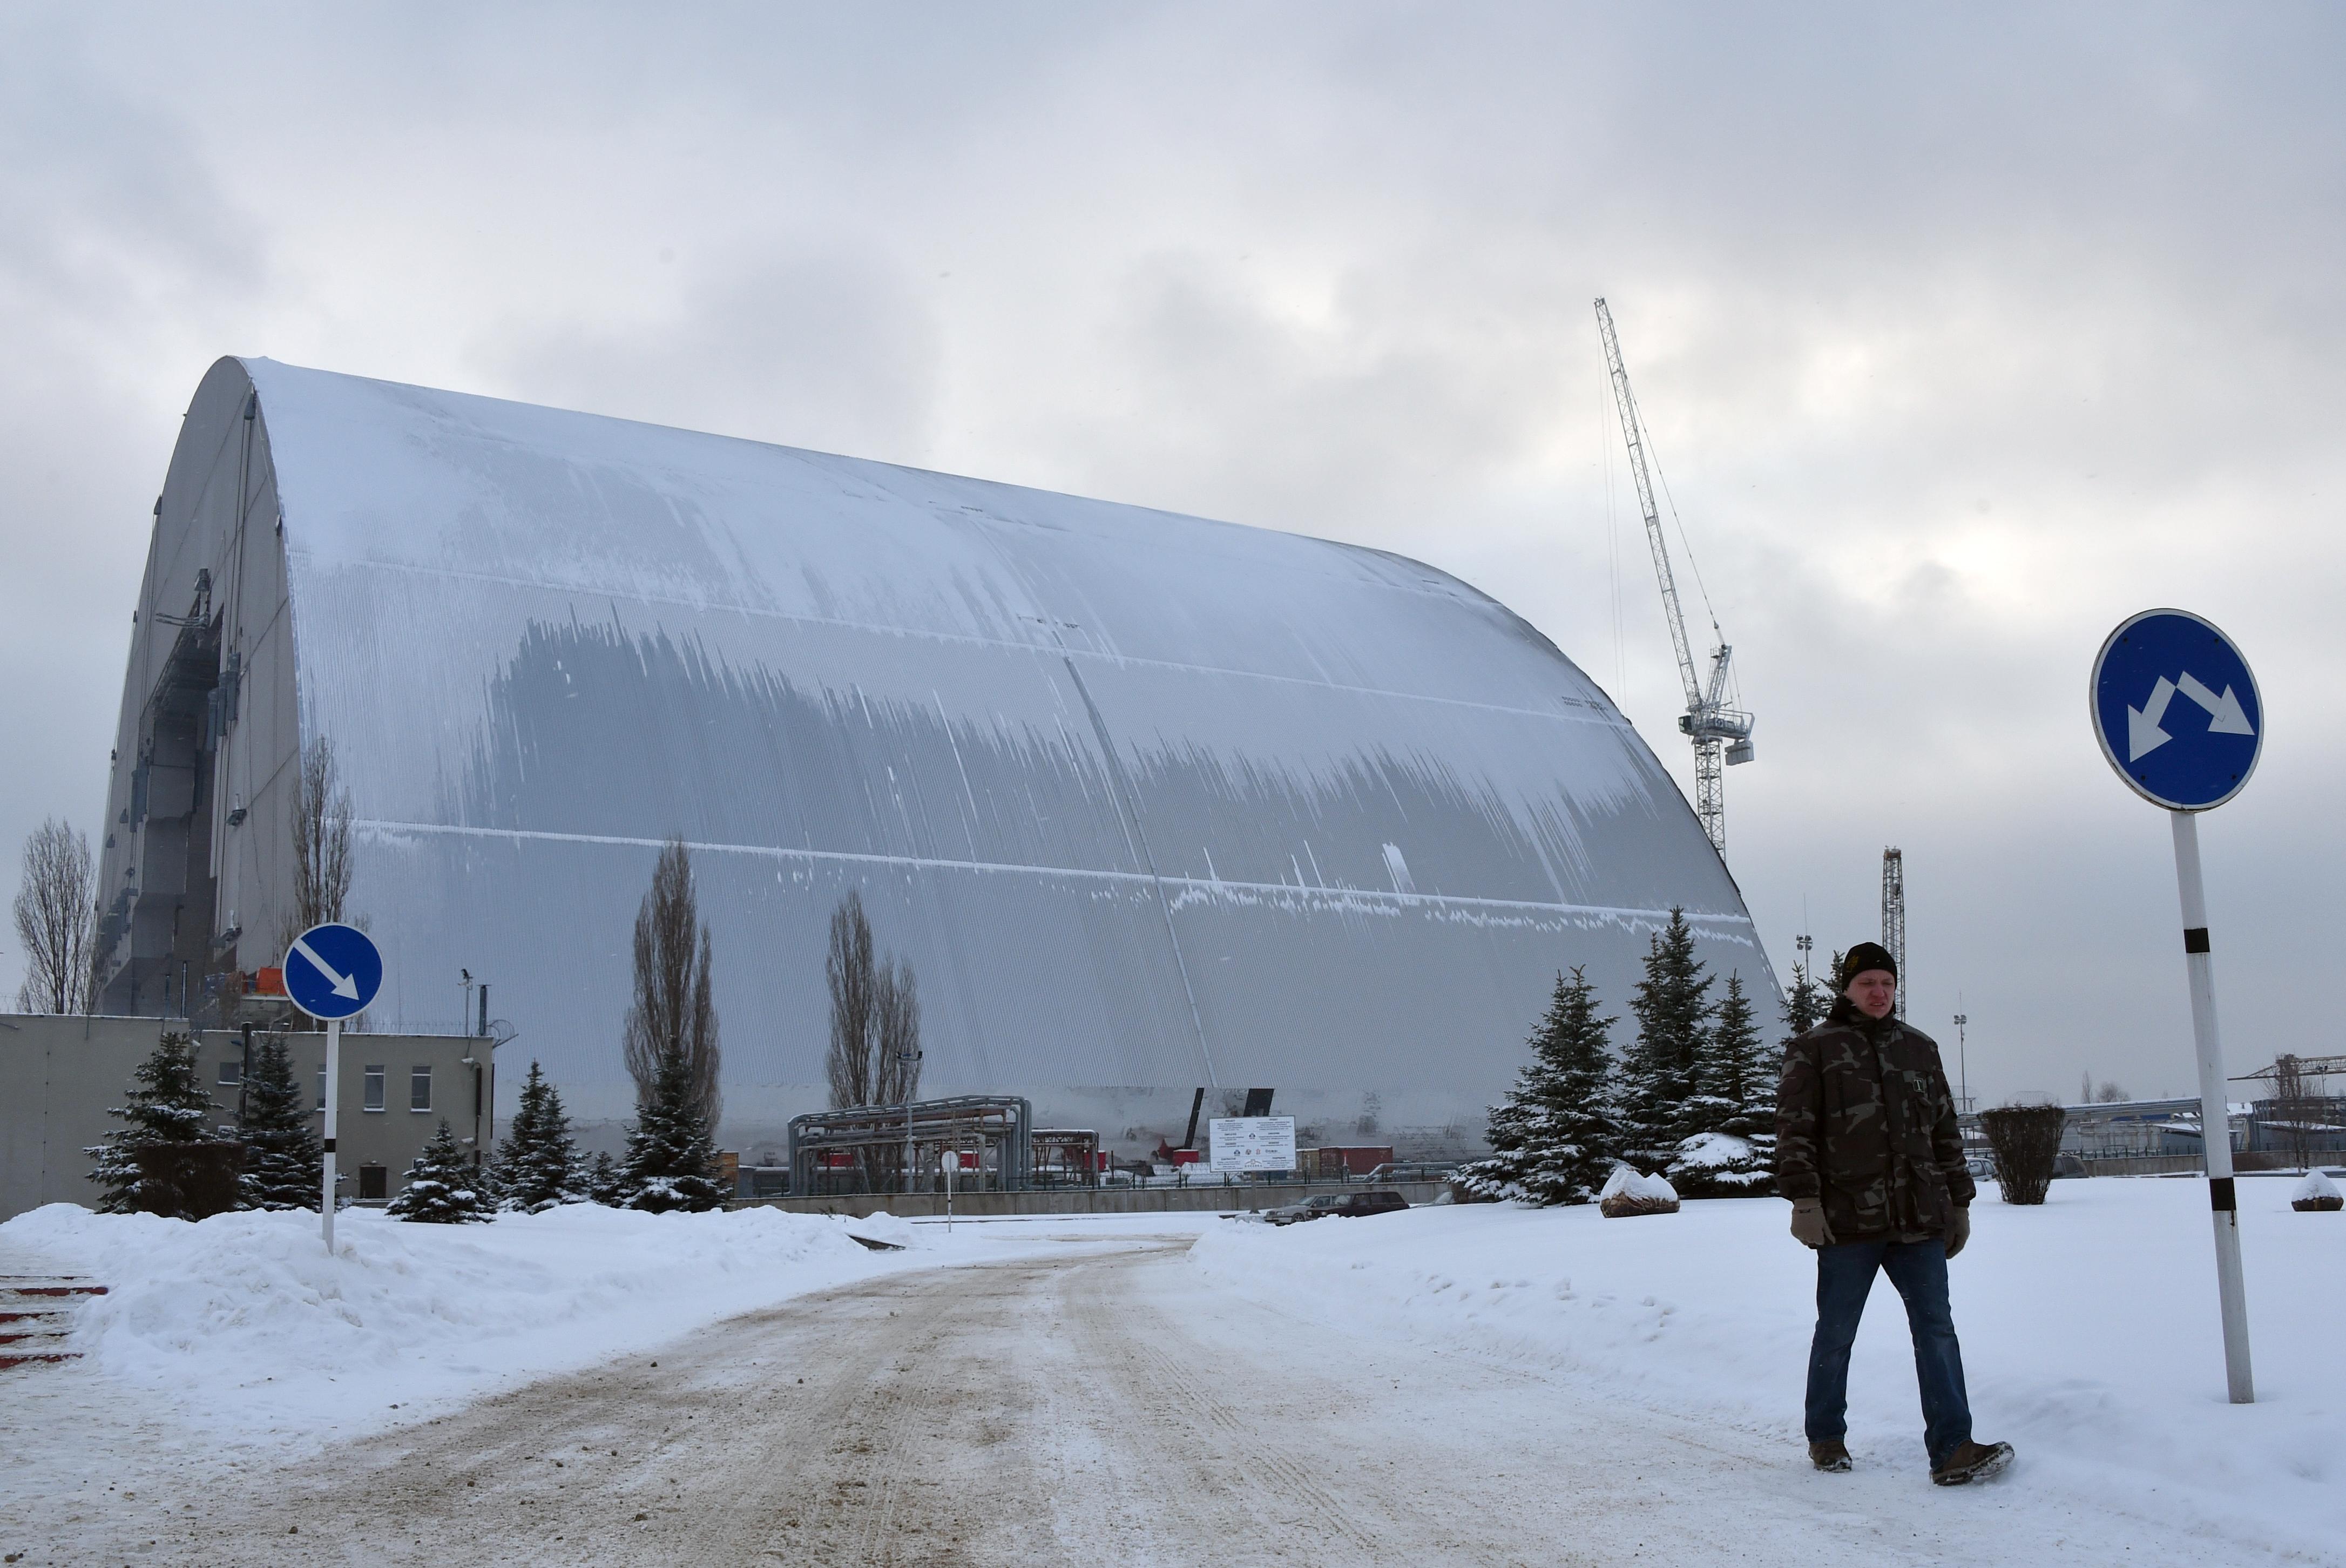 A világ legnagyobb mozgó építményével fedik be a csernobili atomerőművet